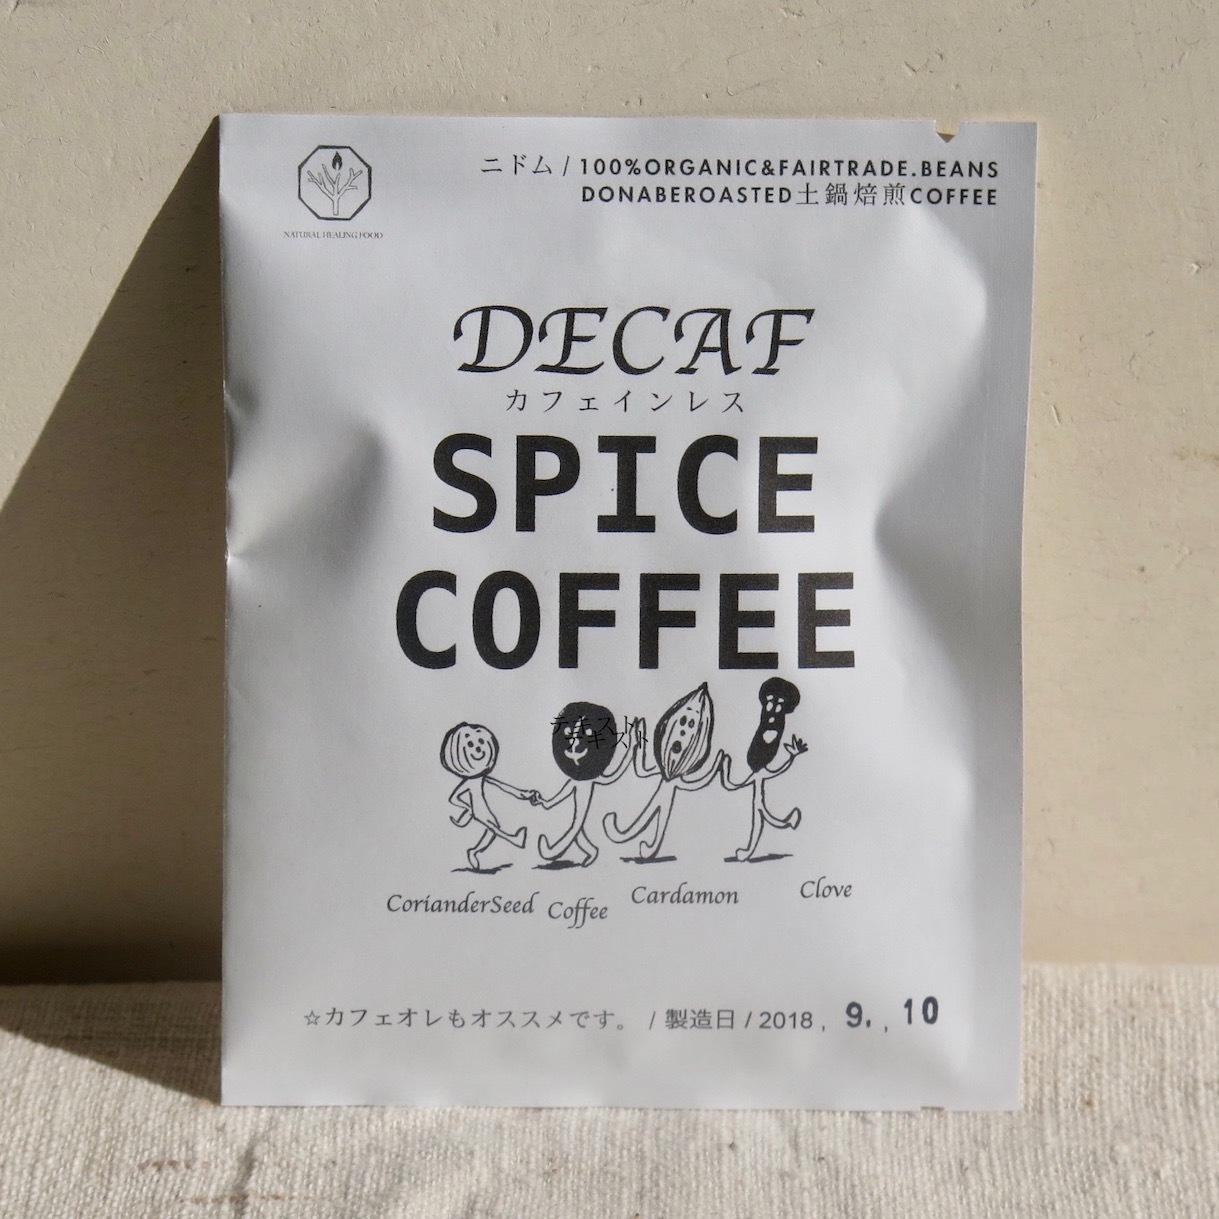 スパイスコーヒー(デカフェ)ドリップパック - 画像1